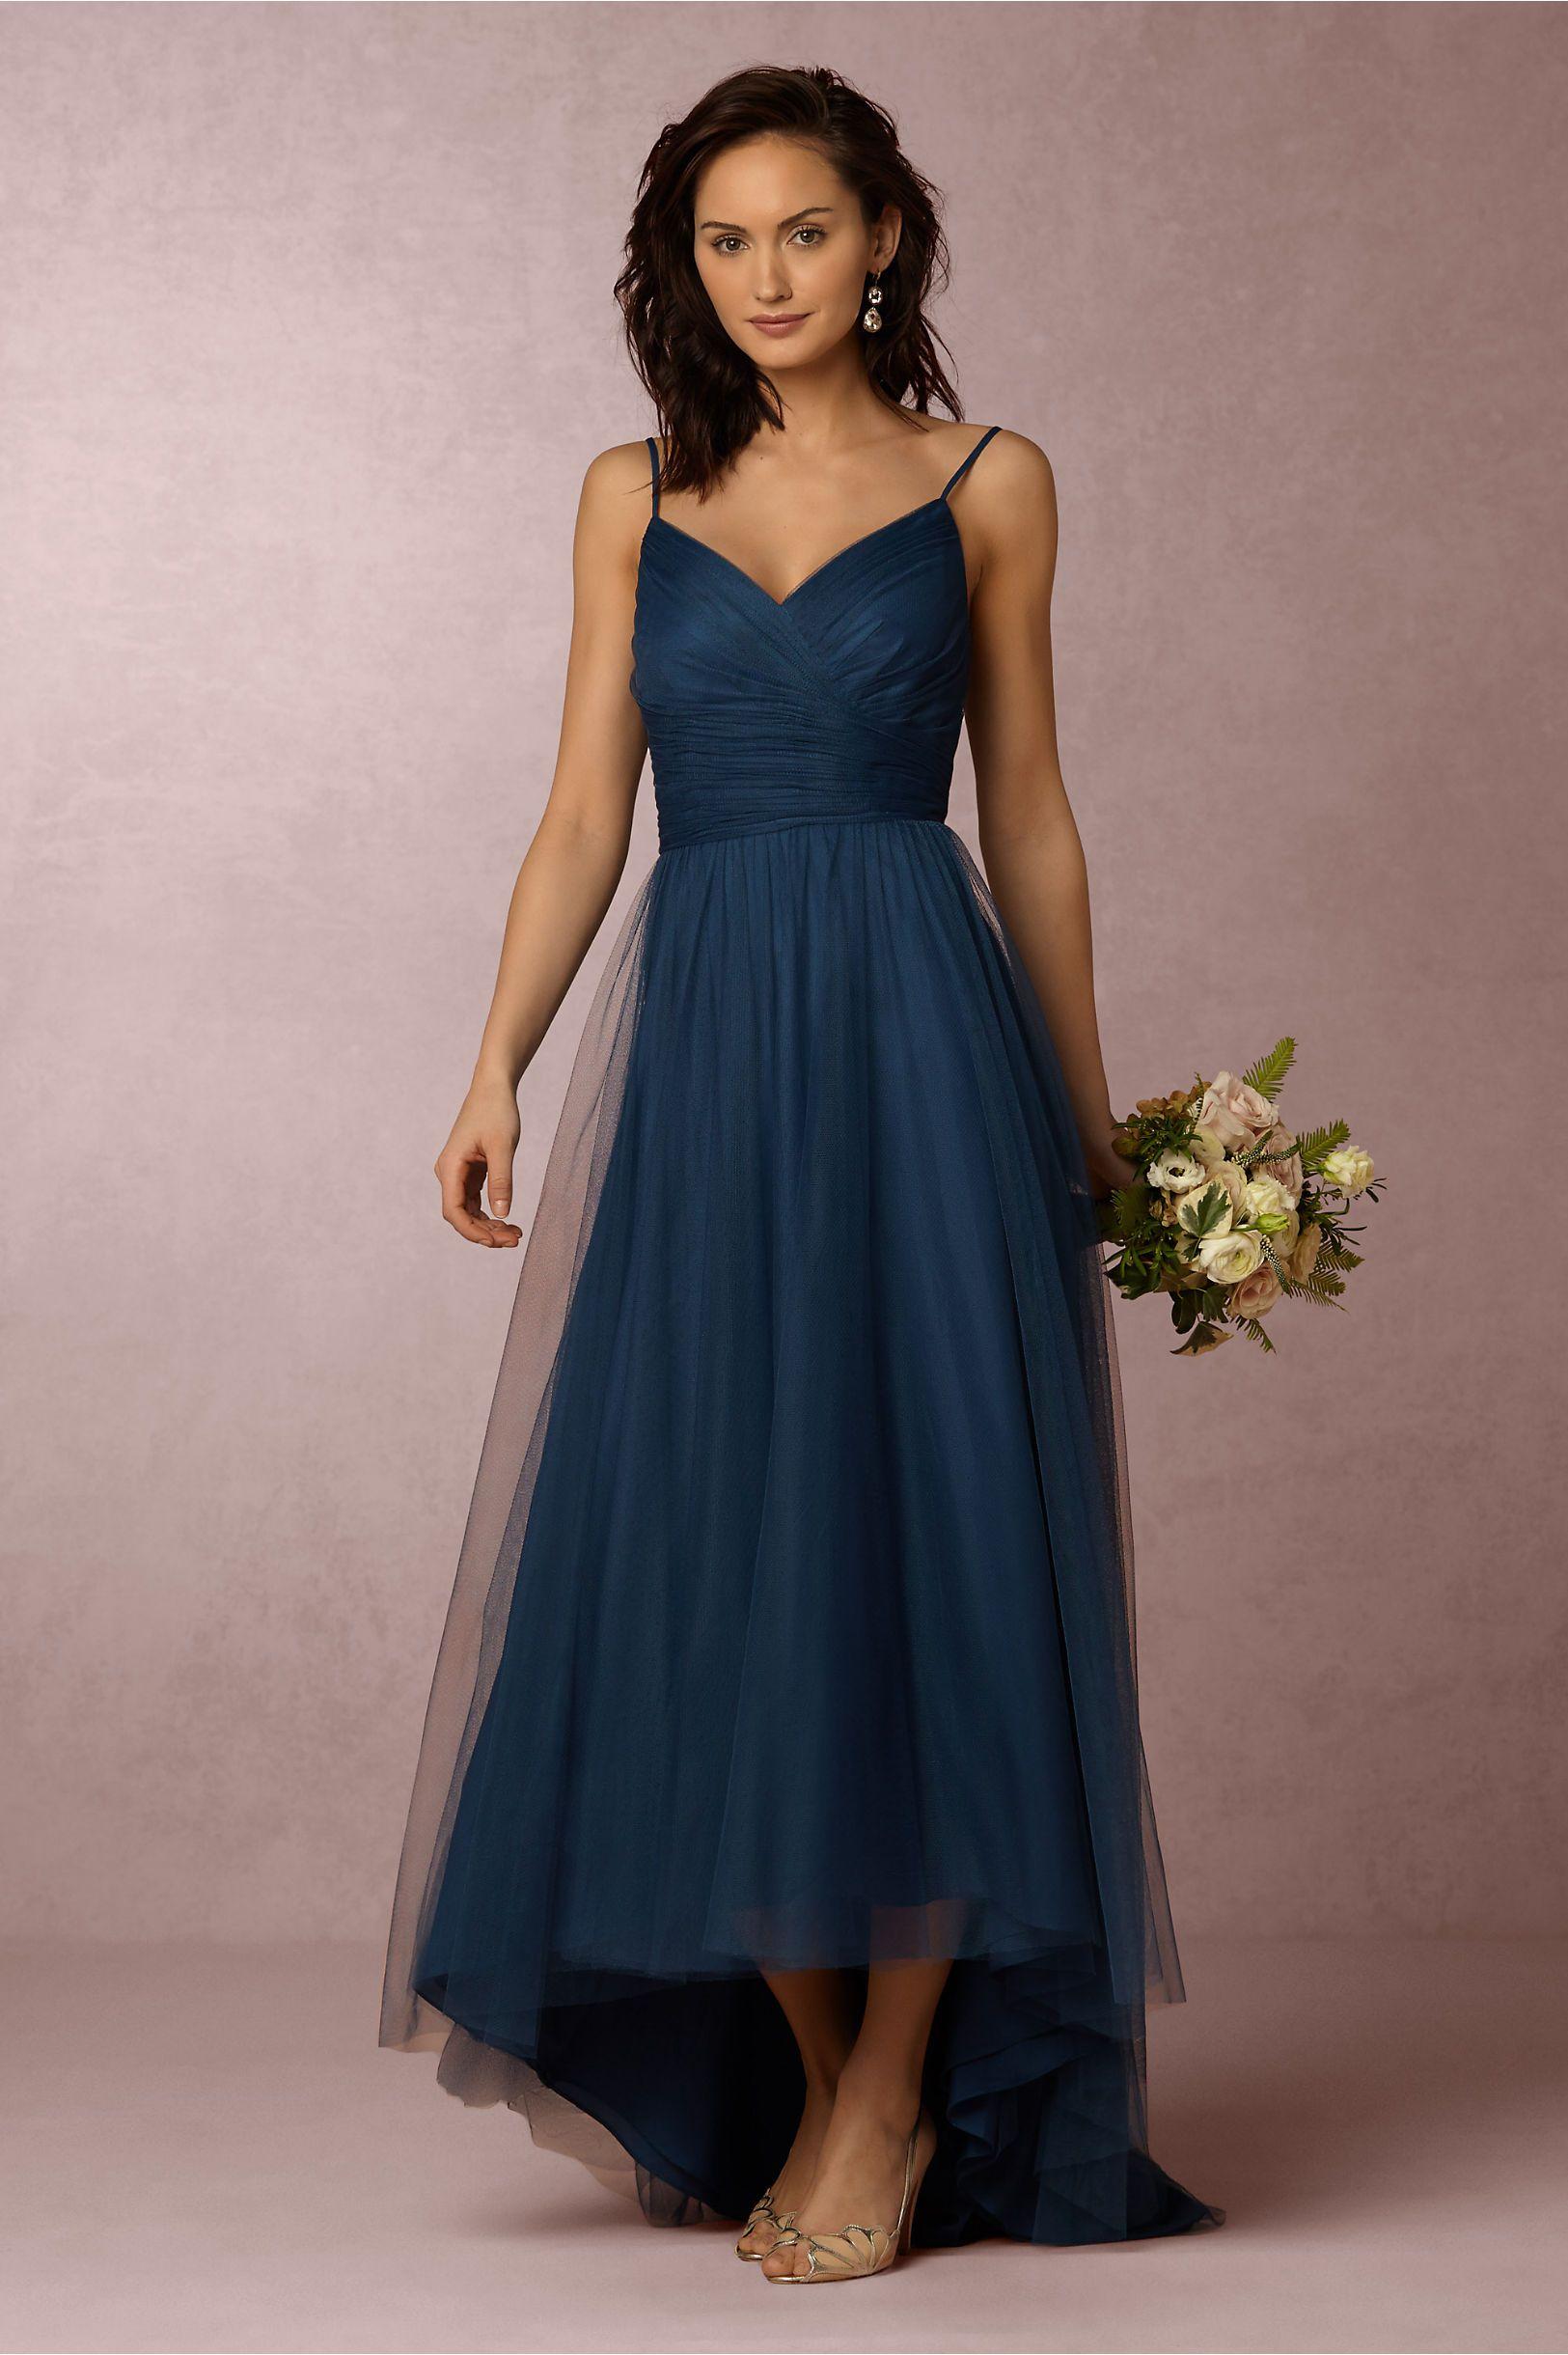 Bhldn brinkley dress in bridesmaids bridesmaid dresses at bhldn bhldn brinkley dress in bridesmaids bridesmaid dresses at bhldn ombrellifo Images